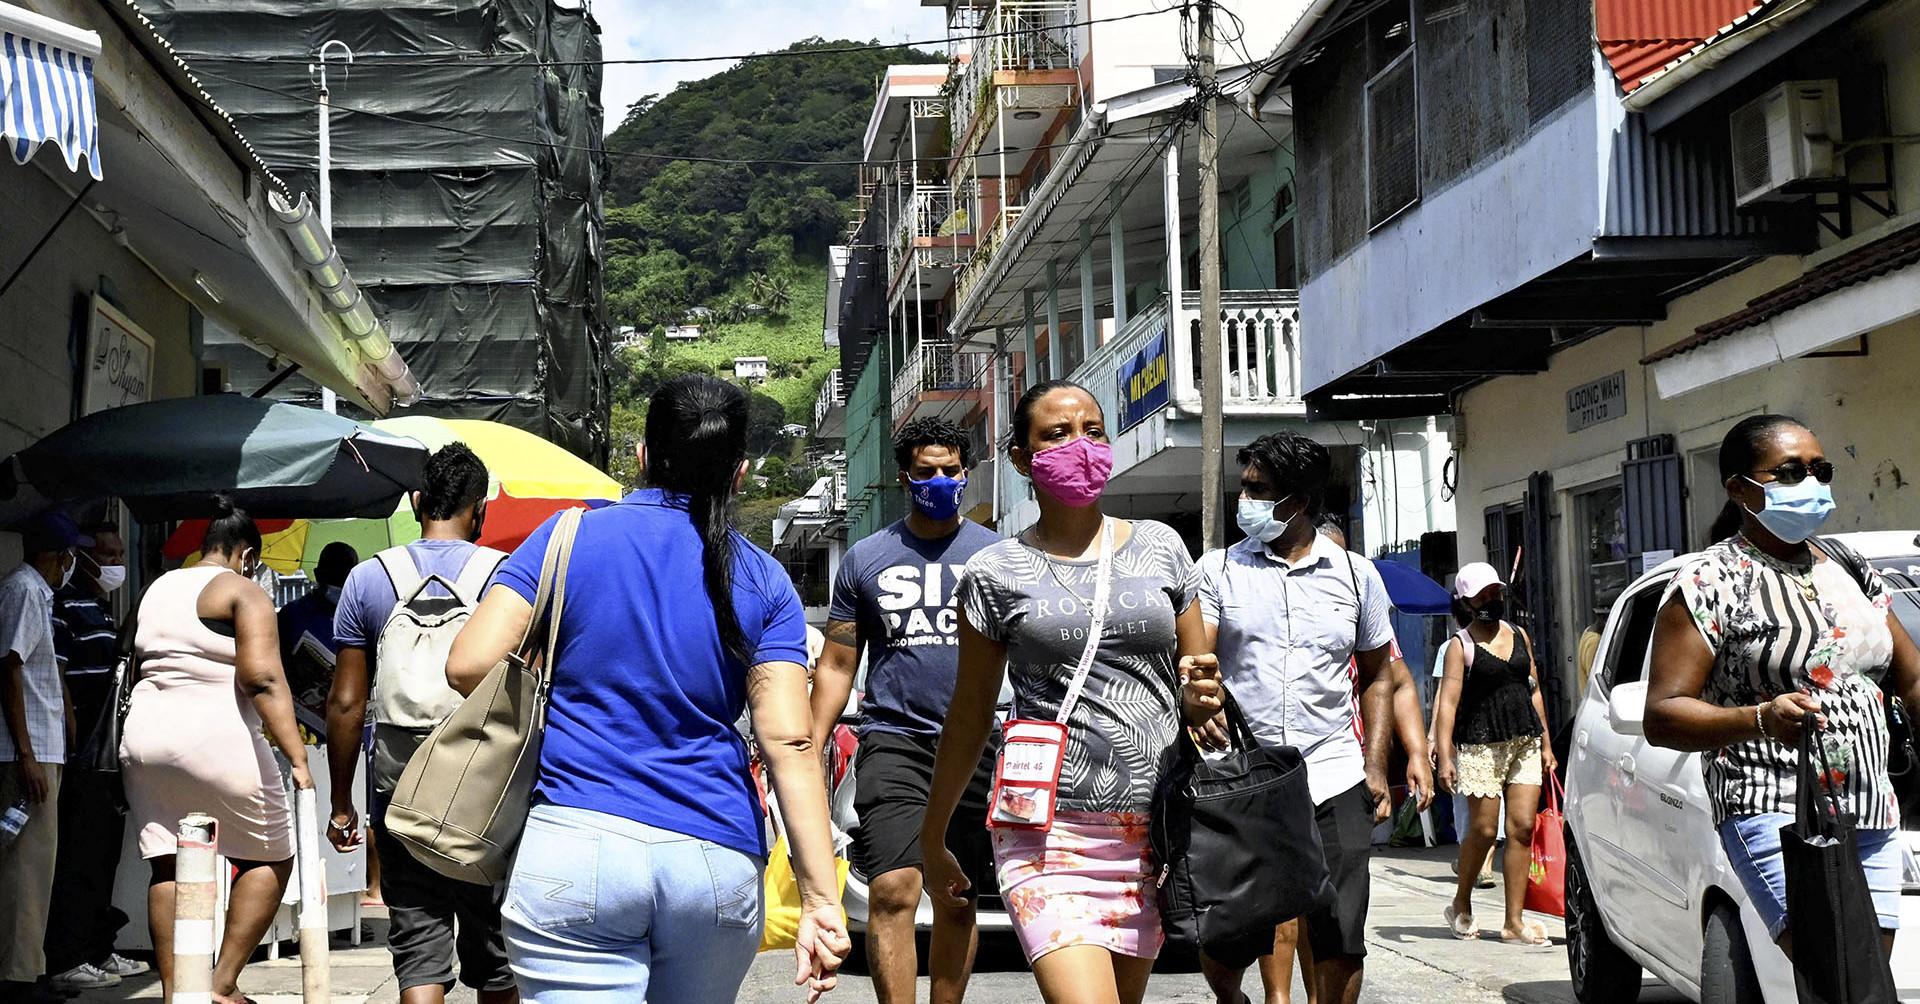 Hiába a nyájimmunitás: tombol a járvány a Seychelle-szigeteken